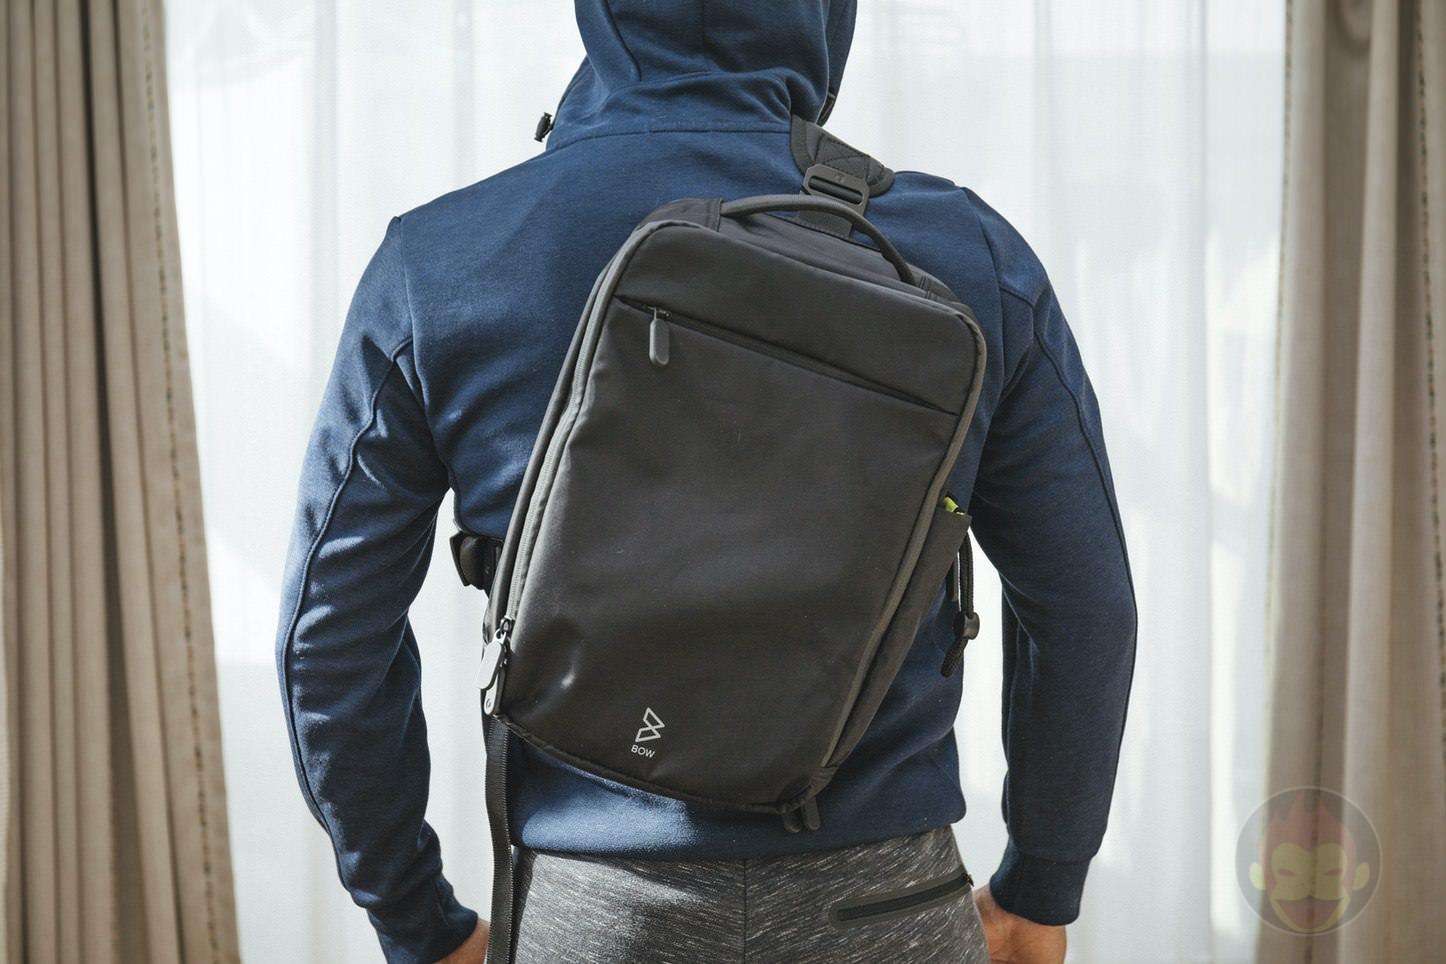 Quiver-Gym-Splashproof-Shoulder-Bag-30.jpg